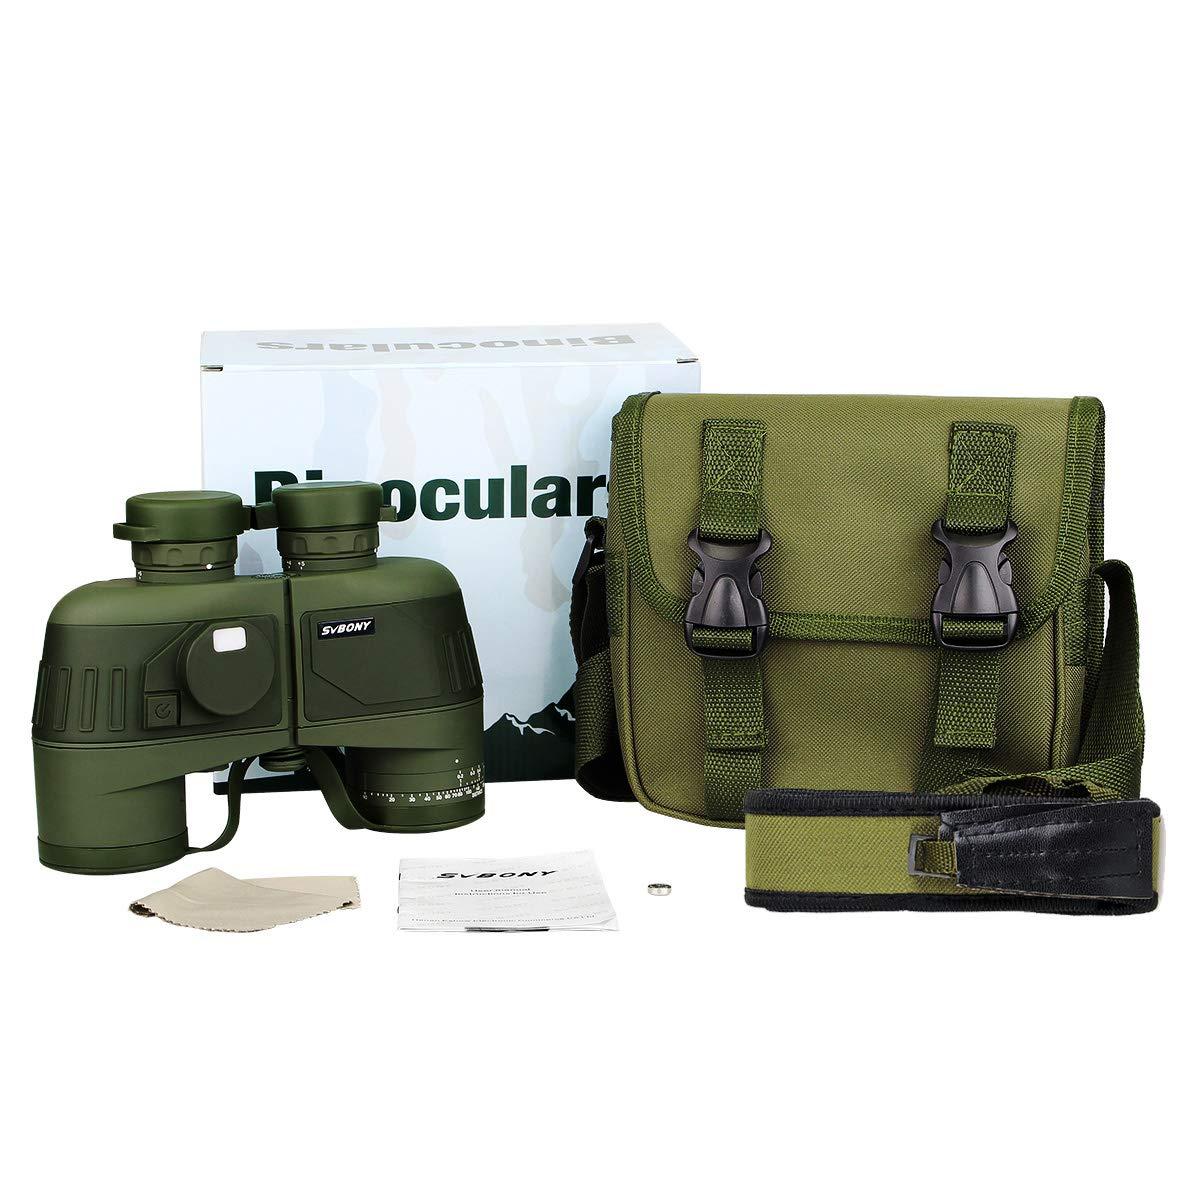 military binoculars with rangefinder package pic